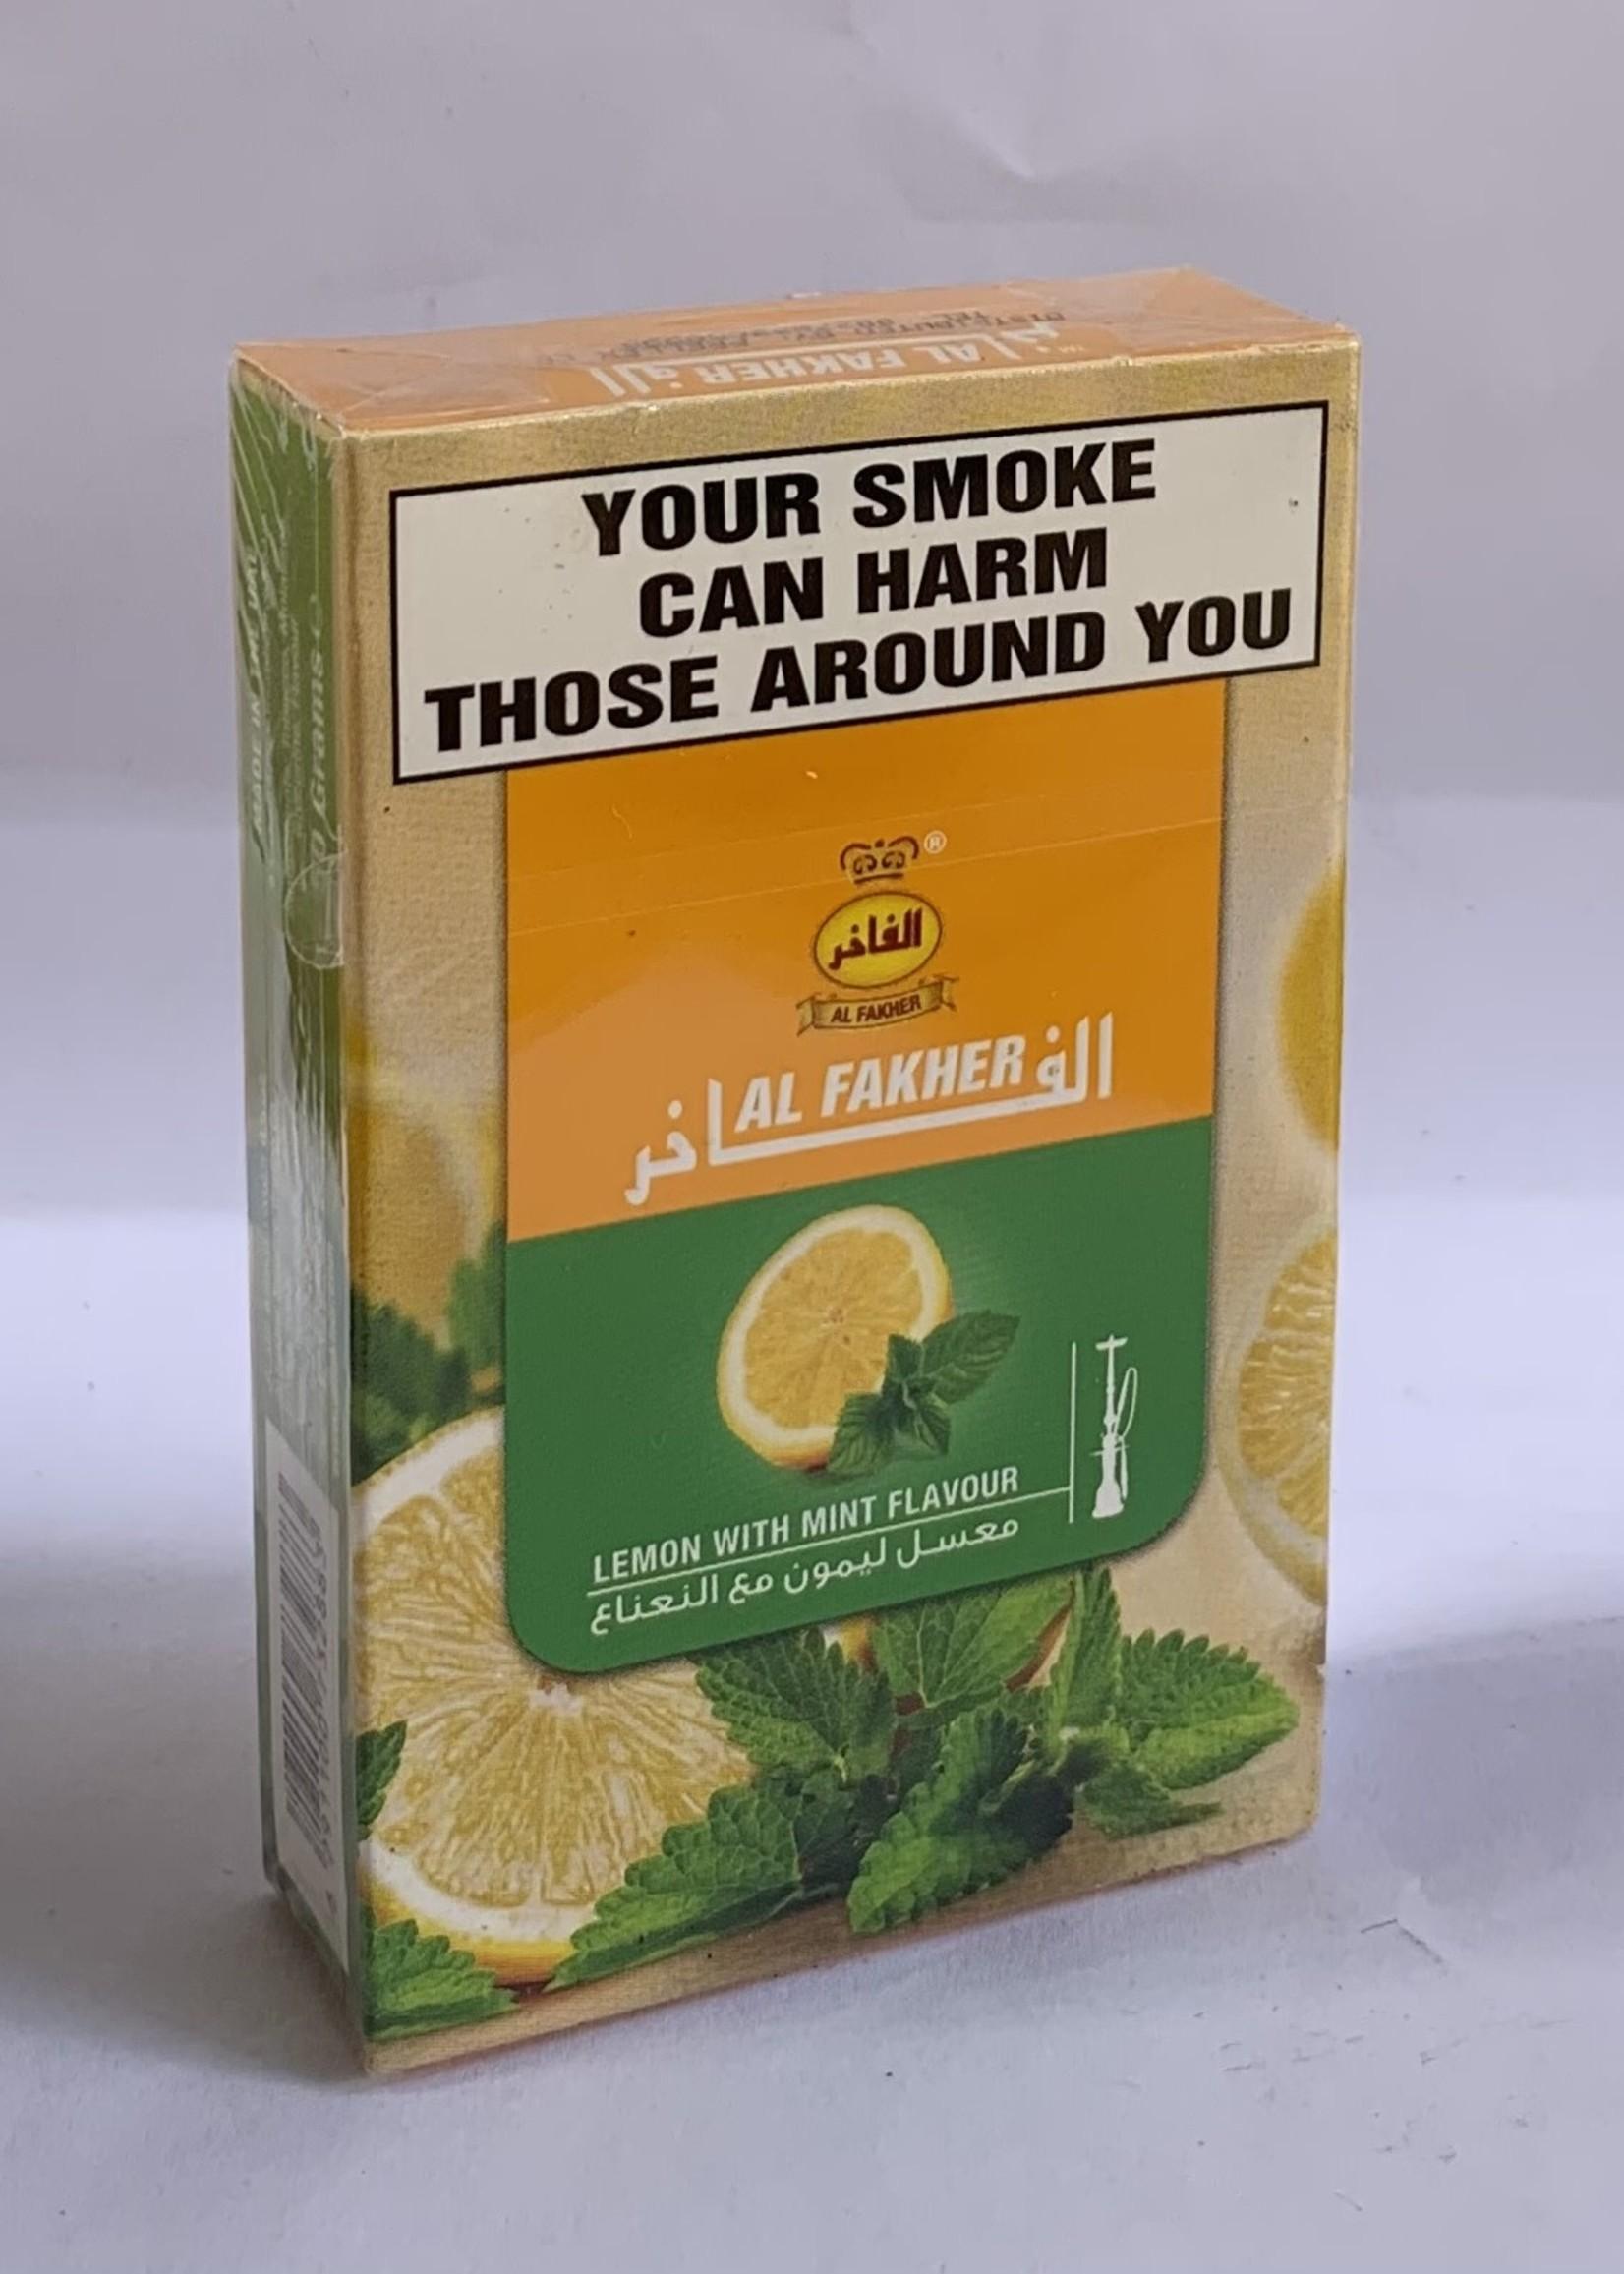 Al fakher hubbly flavour - lemon mint